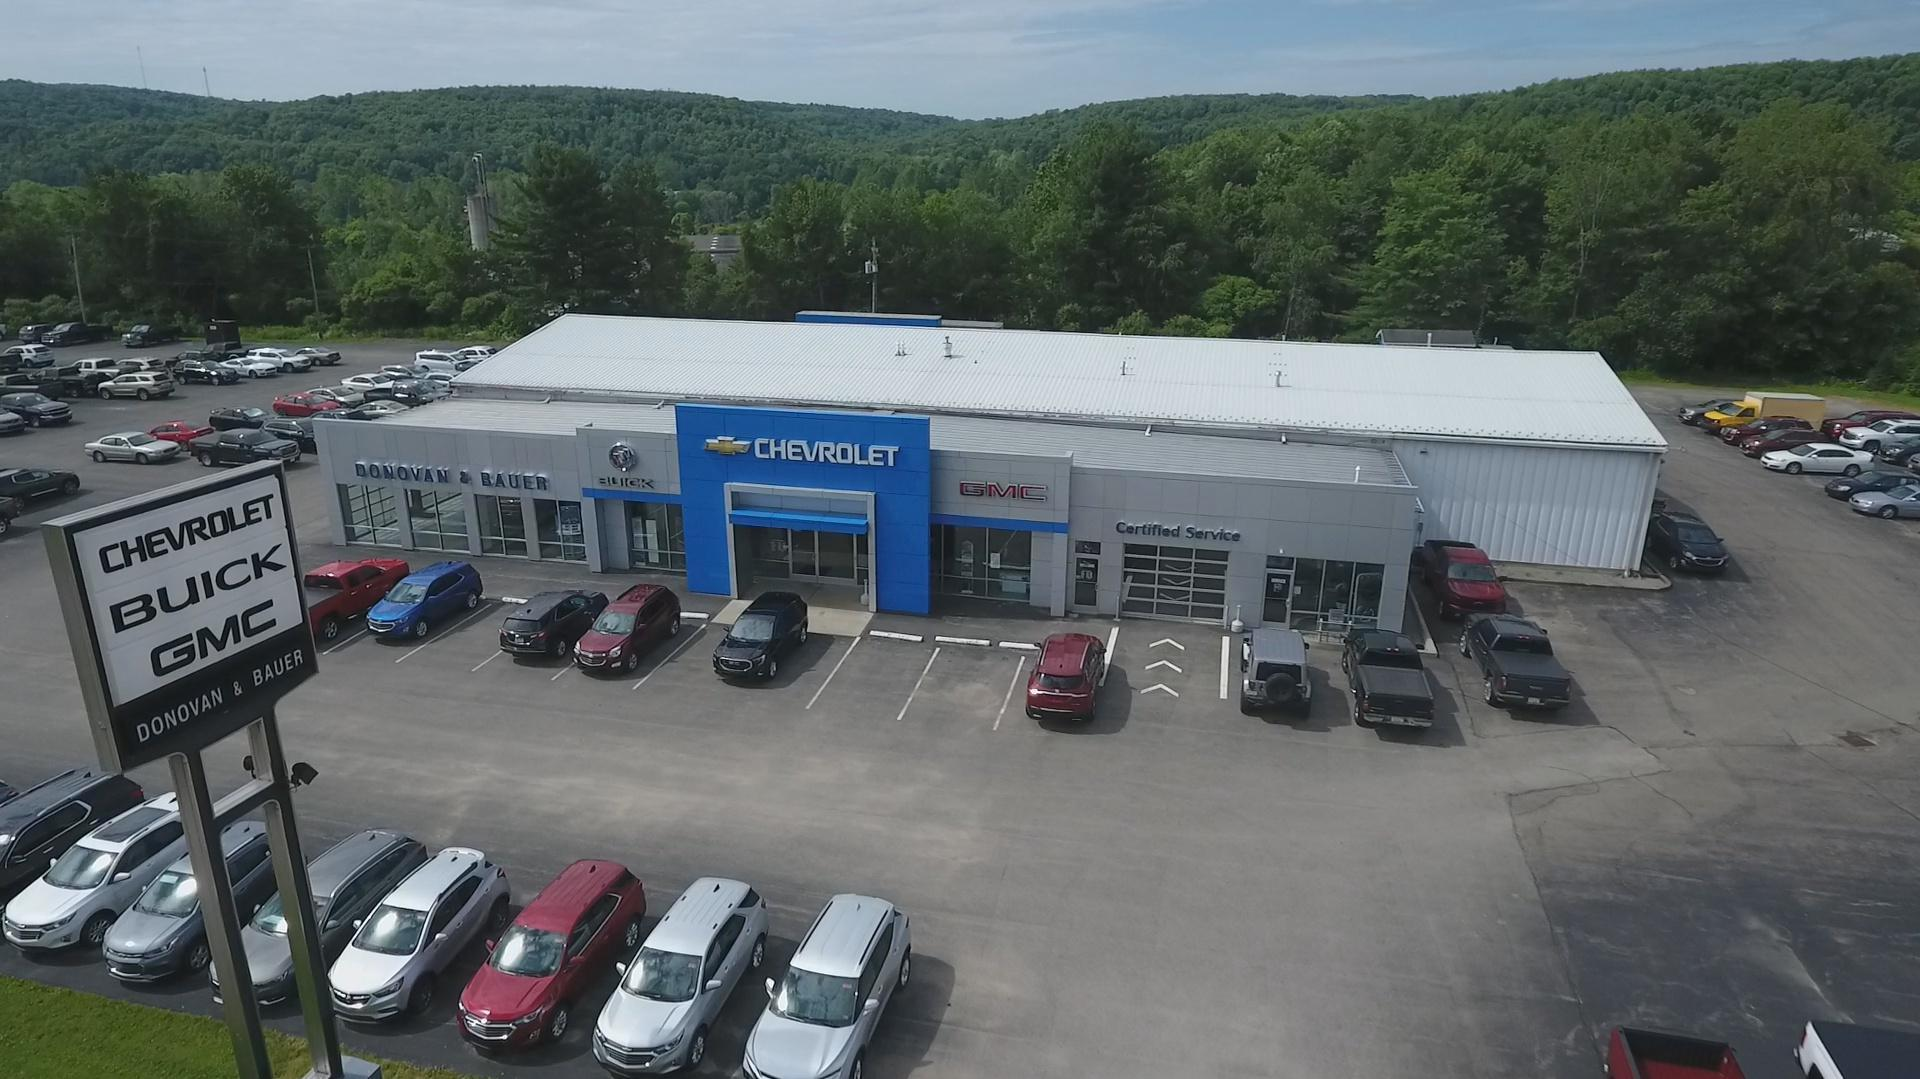 Donovan & Bauer Auto Group